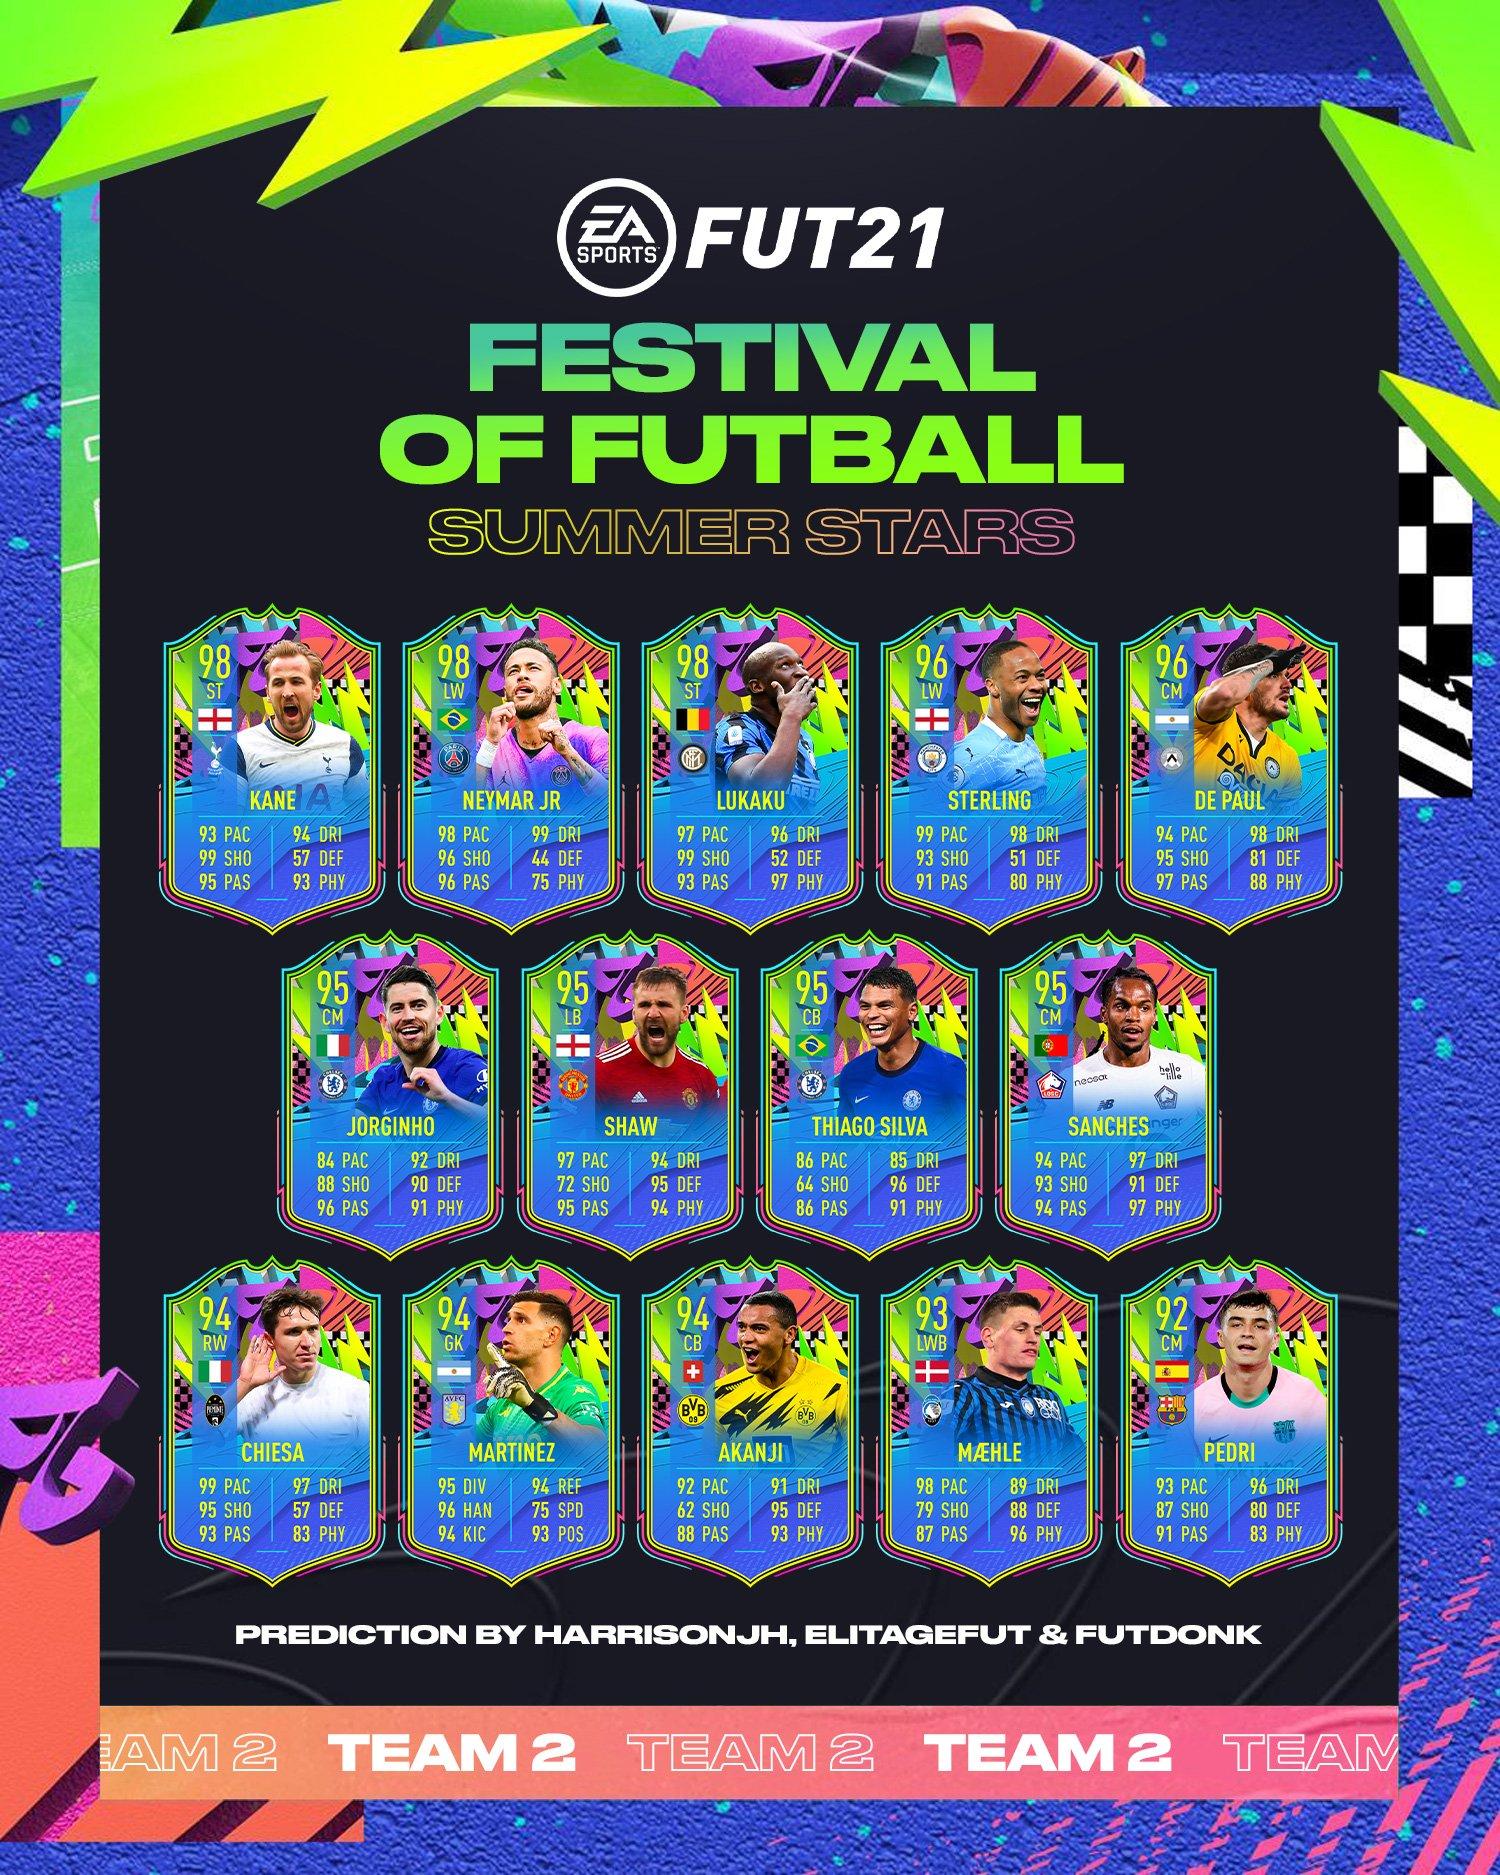 Prediccion Equipo 2 Summer Stars FIFA 21